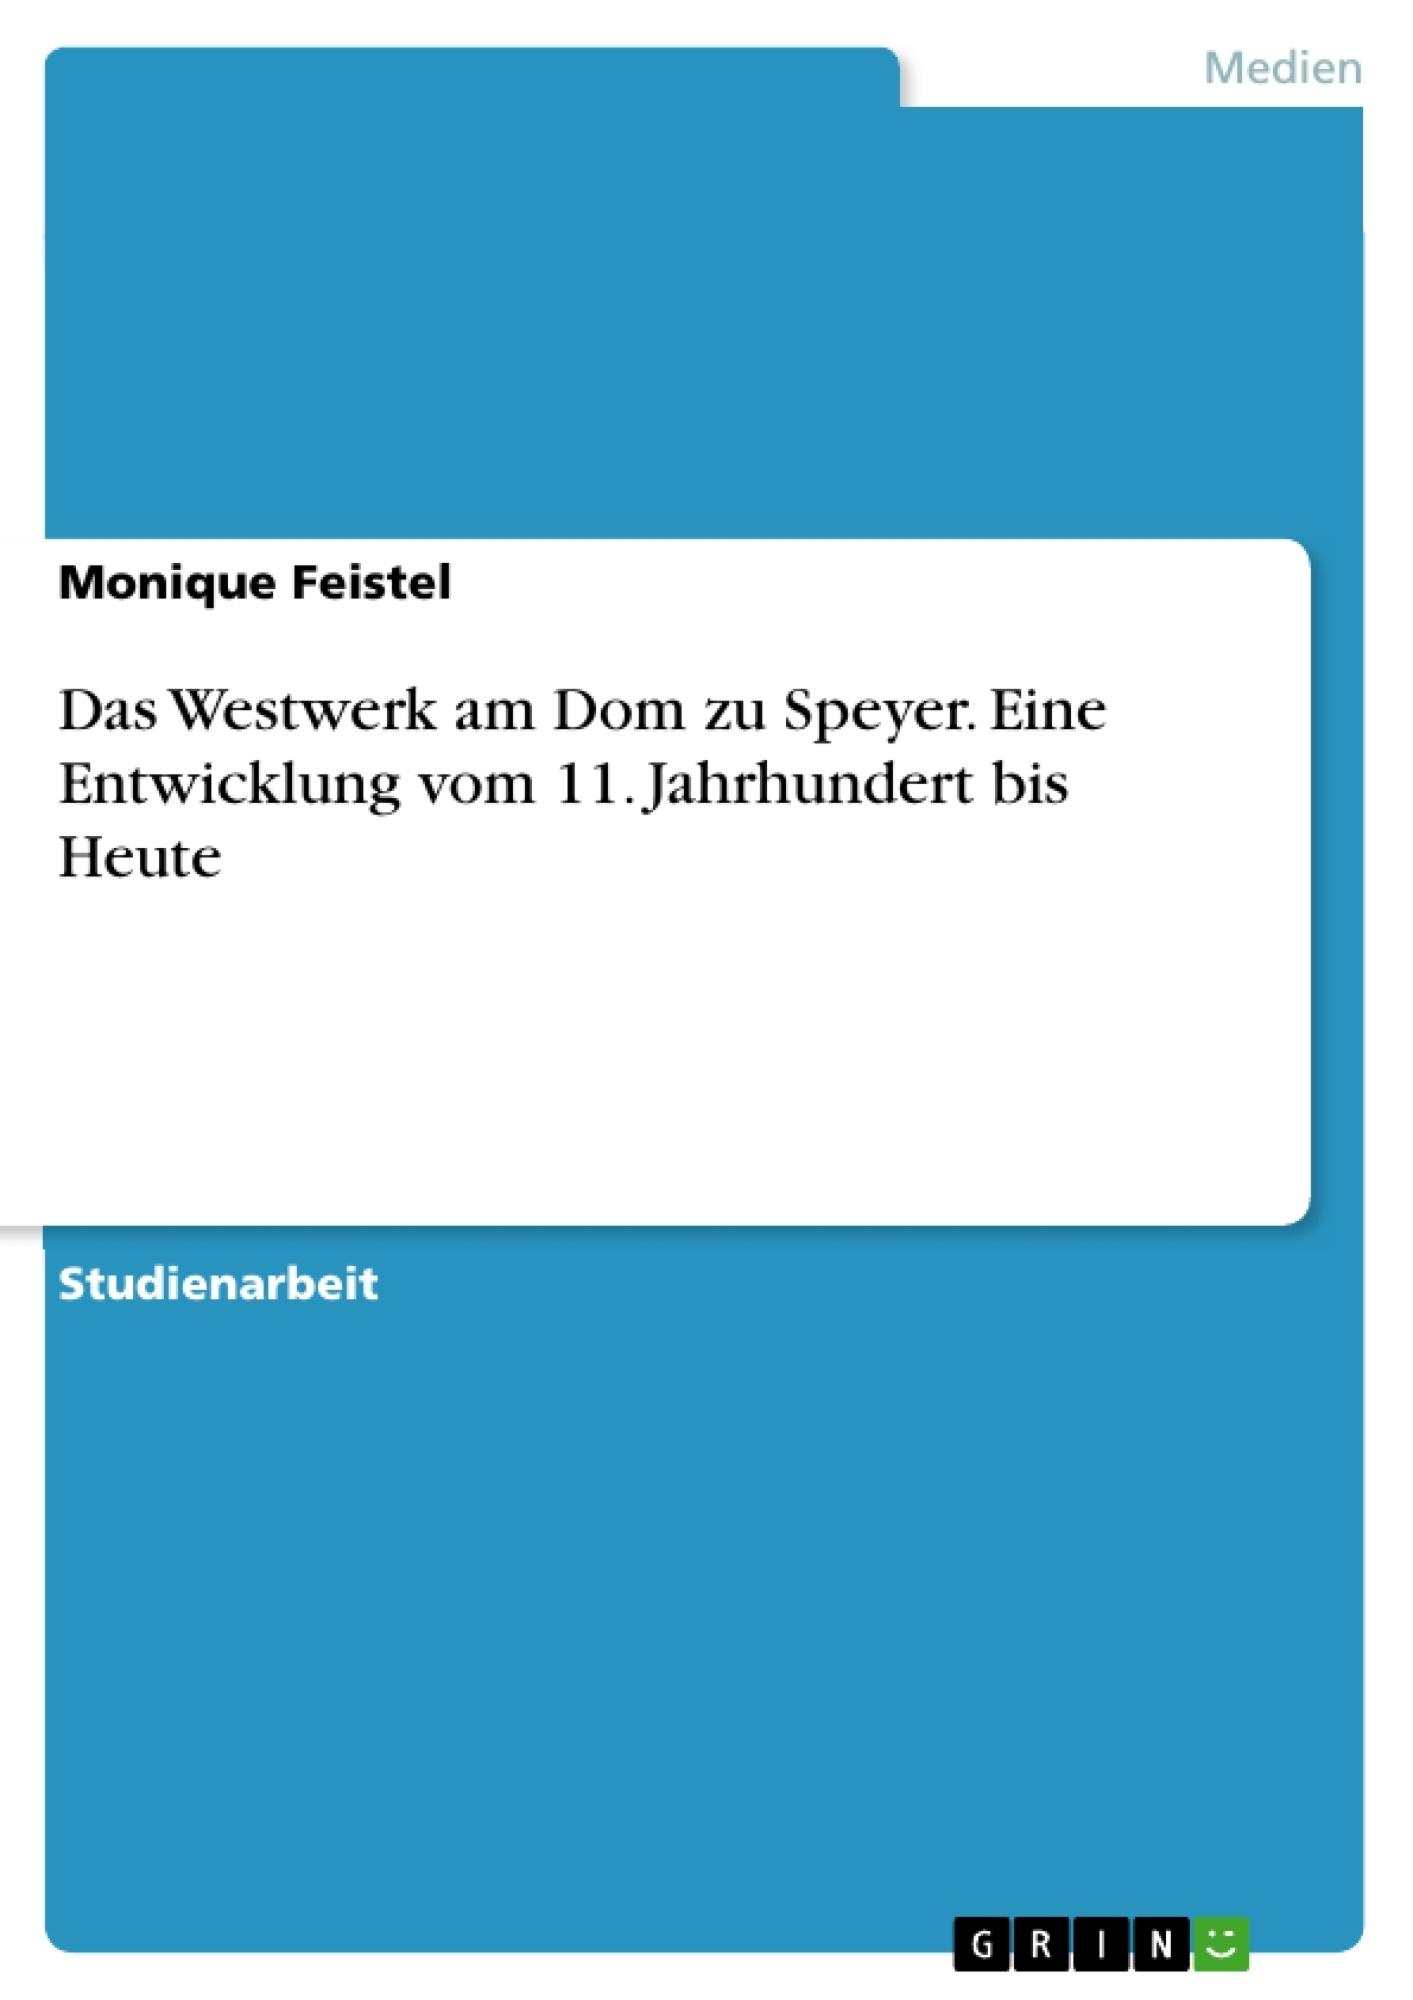 Titel: Das Westwerk am Dom zu Speyer. Eine Entwicklung vom 11. Jahrhundert bis Heute